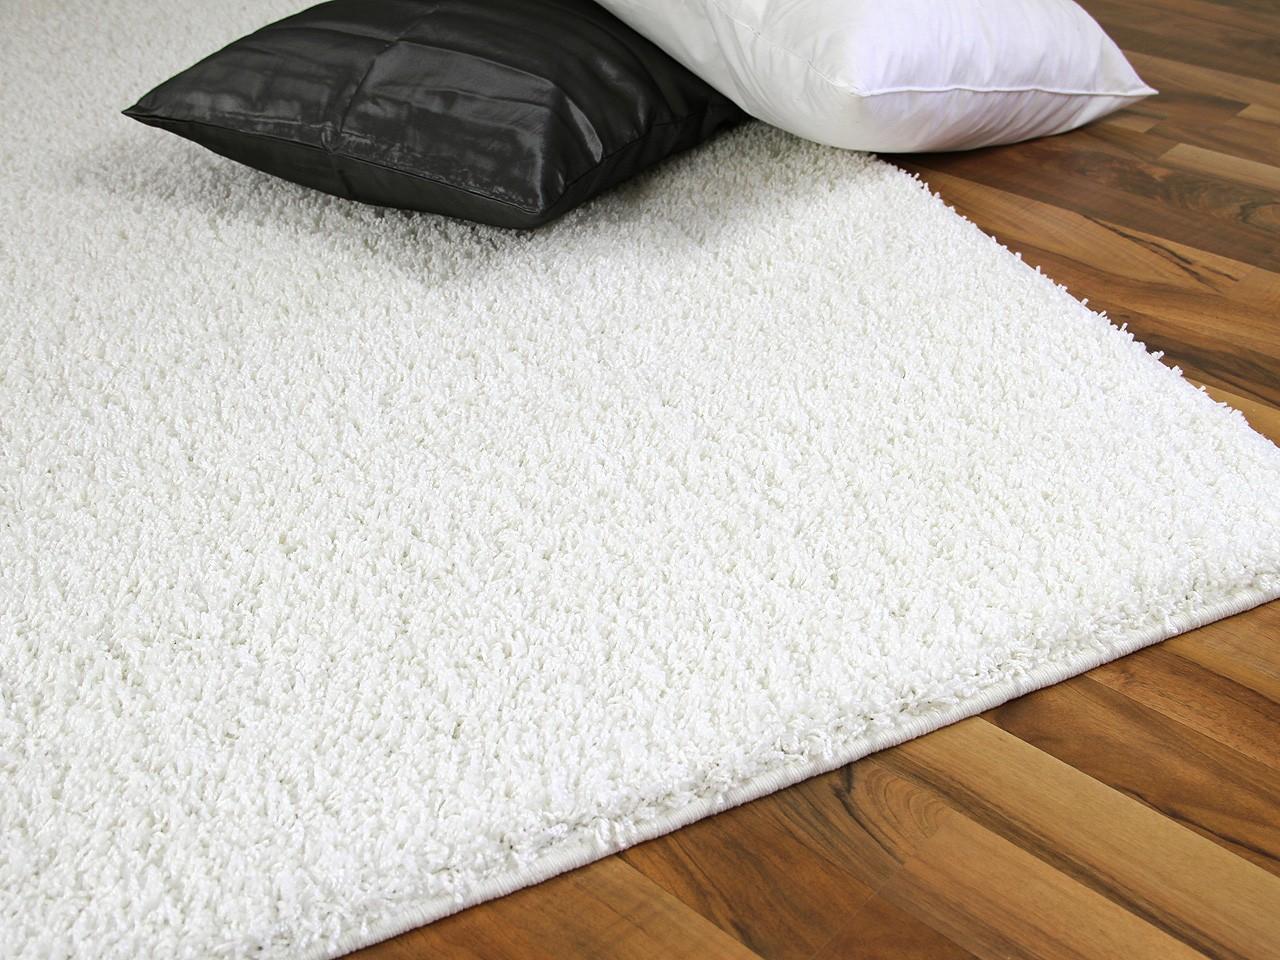 teppich hochflor shaggy premio weiss abverkauf teppiche. Black Bedroom Furniture Sets. Home Design Ideas